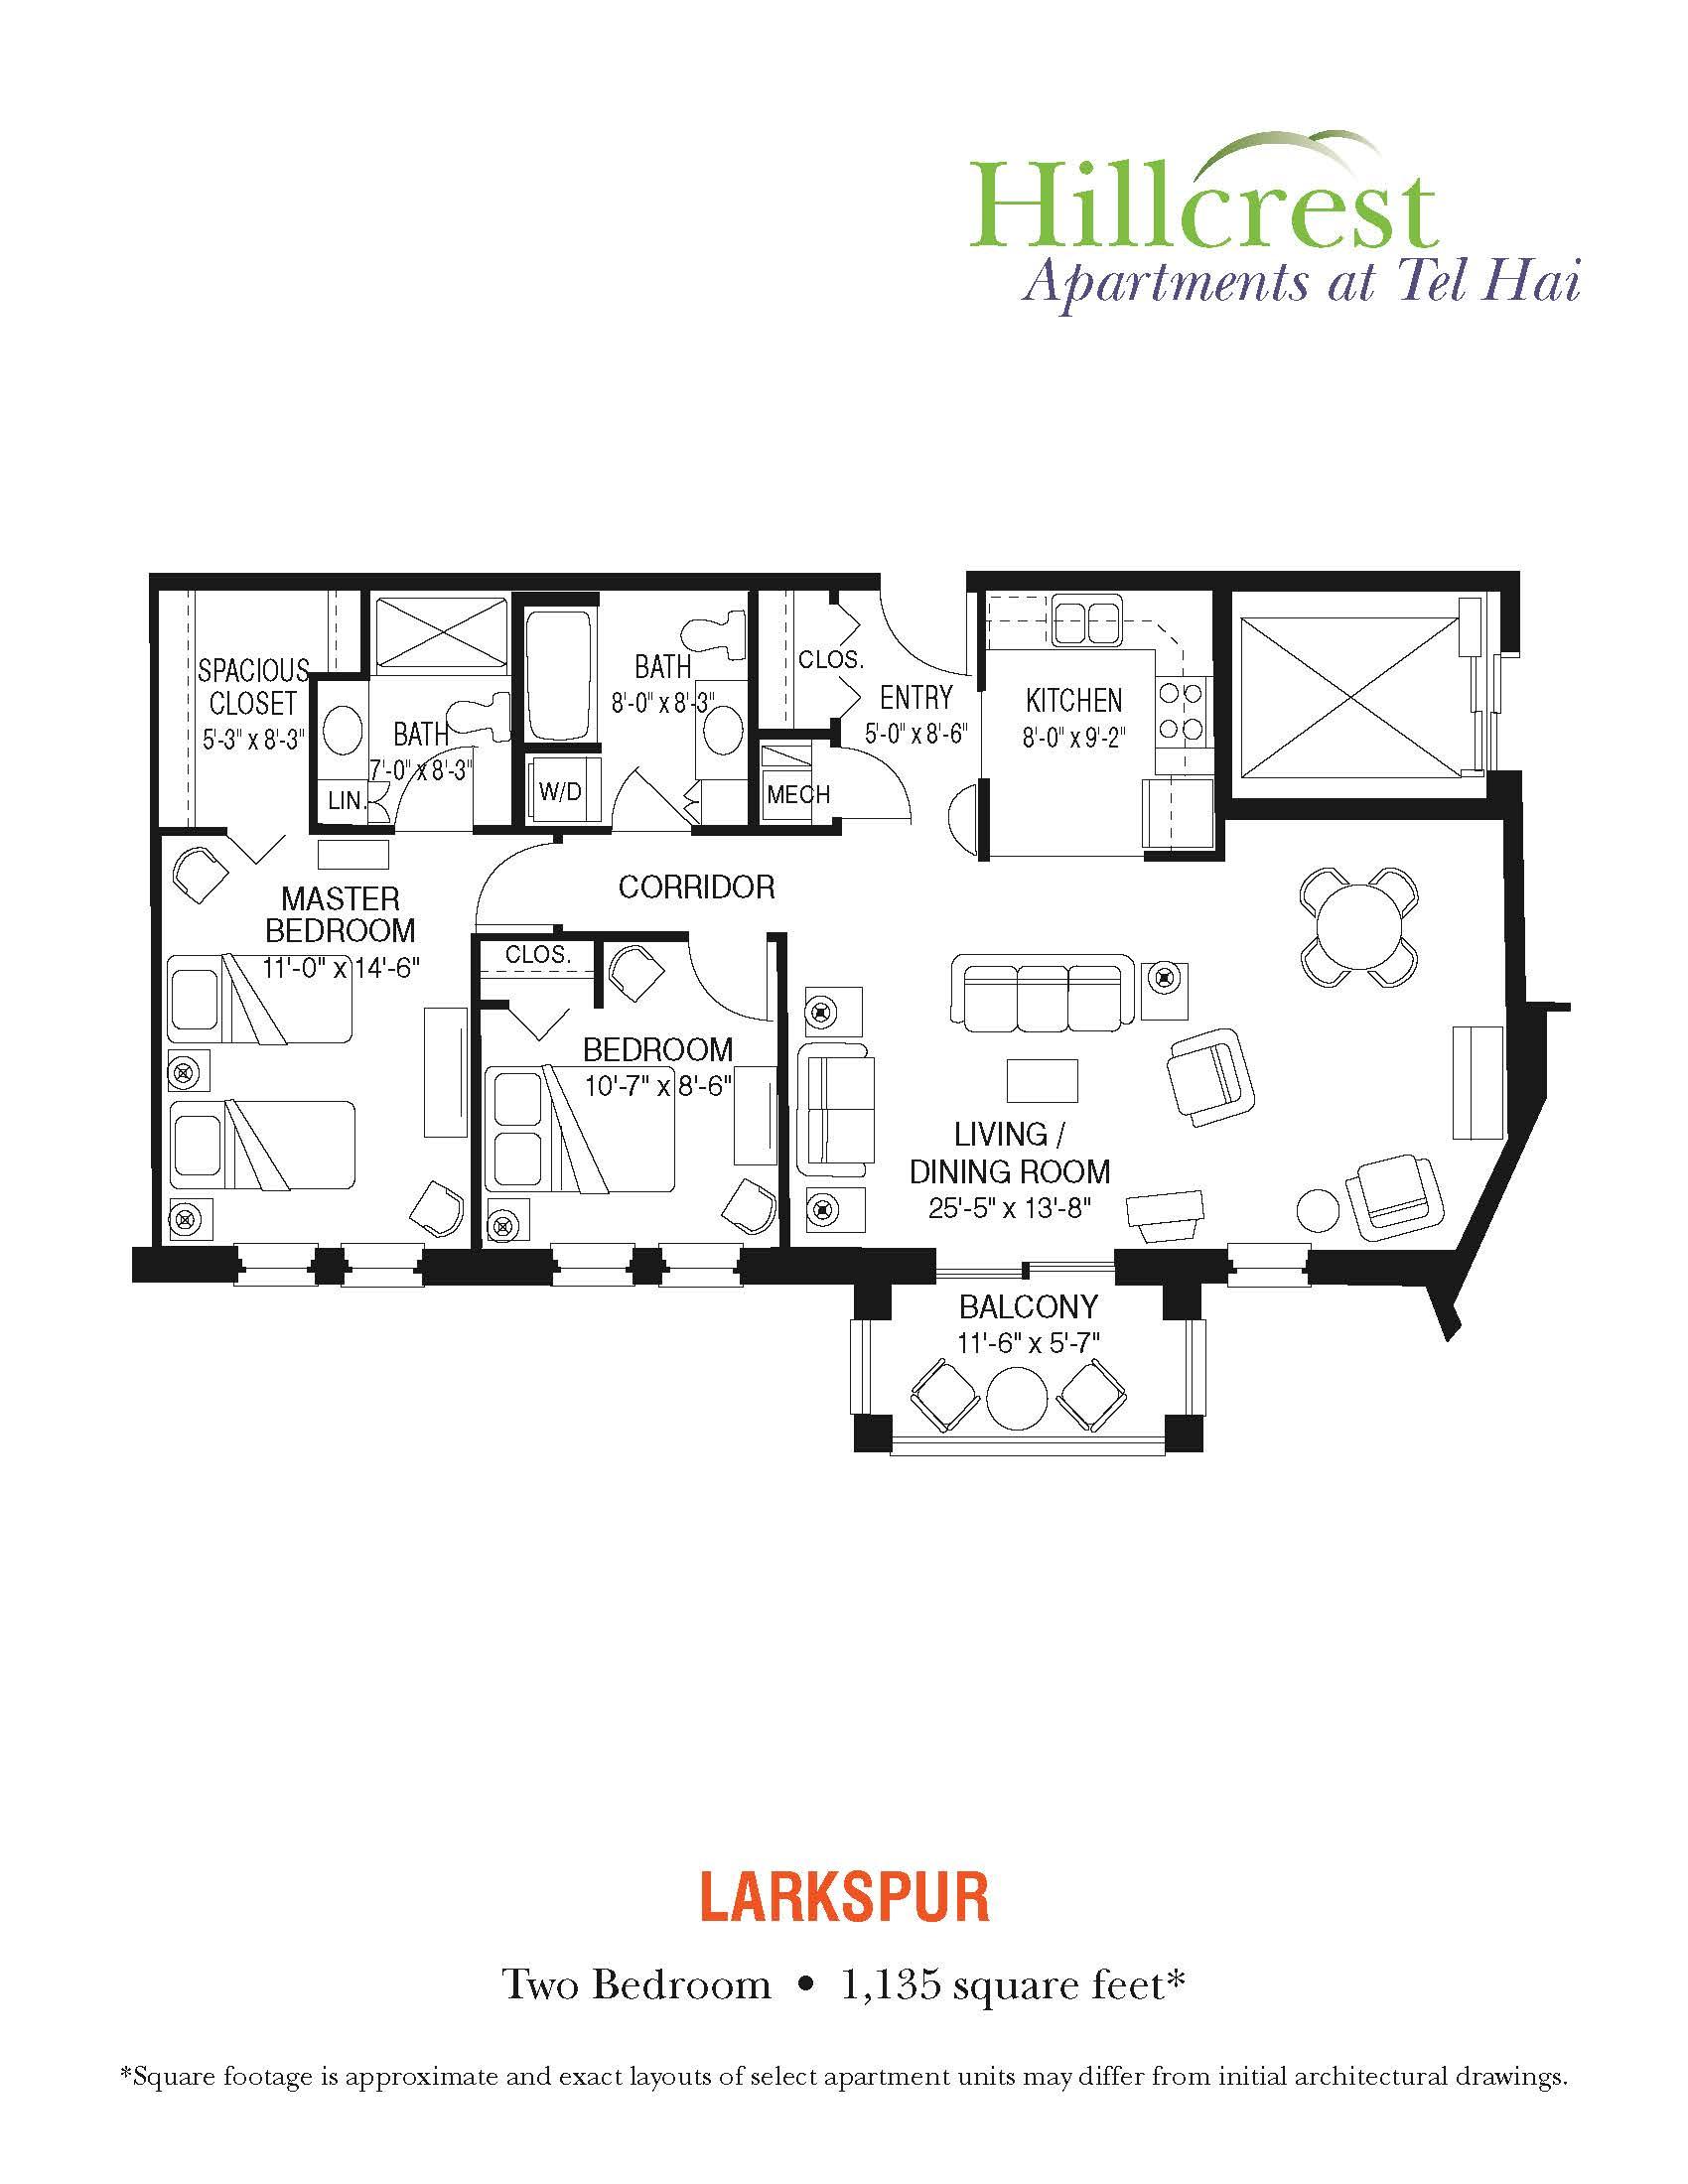 Larkspur Apartment at Tel Hai